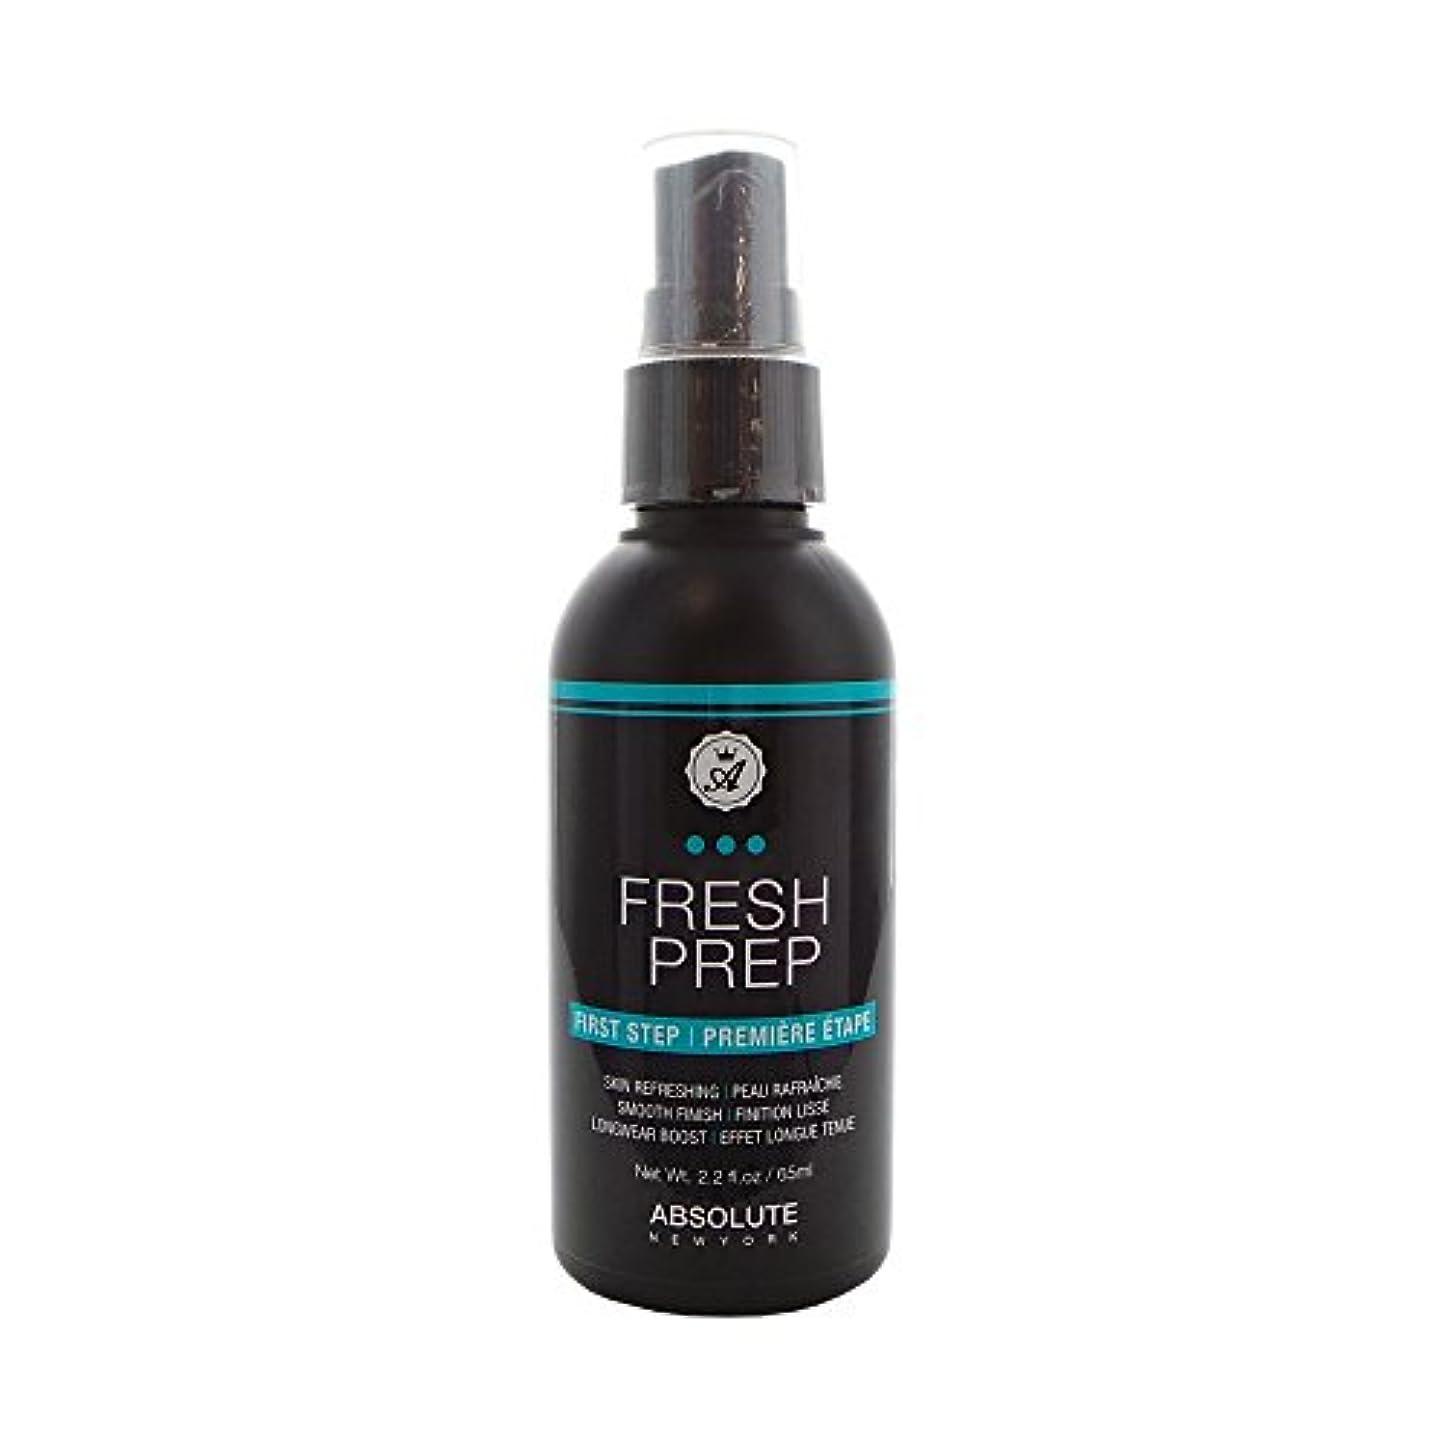 とは異なりエキス想像力豊かな(3 Pack) ABSOLUTE Fresh Prep Primer Spray (並行輸入品)